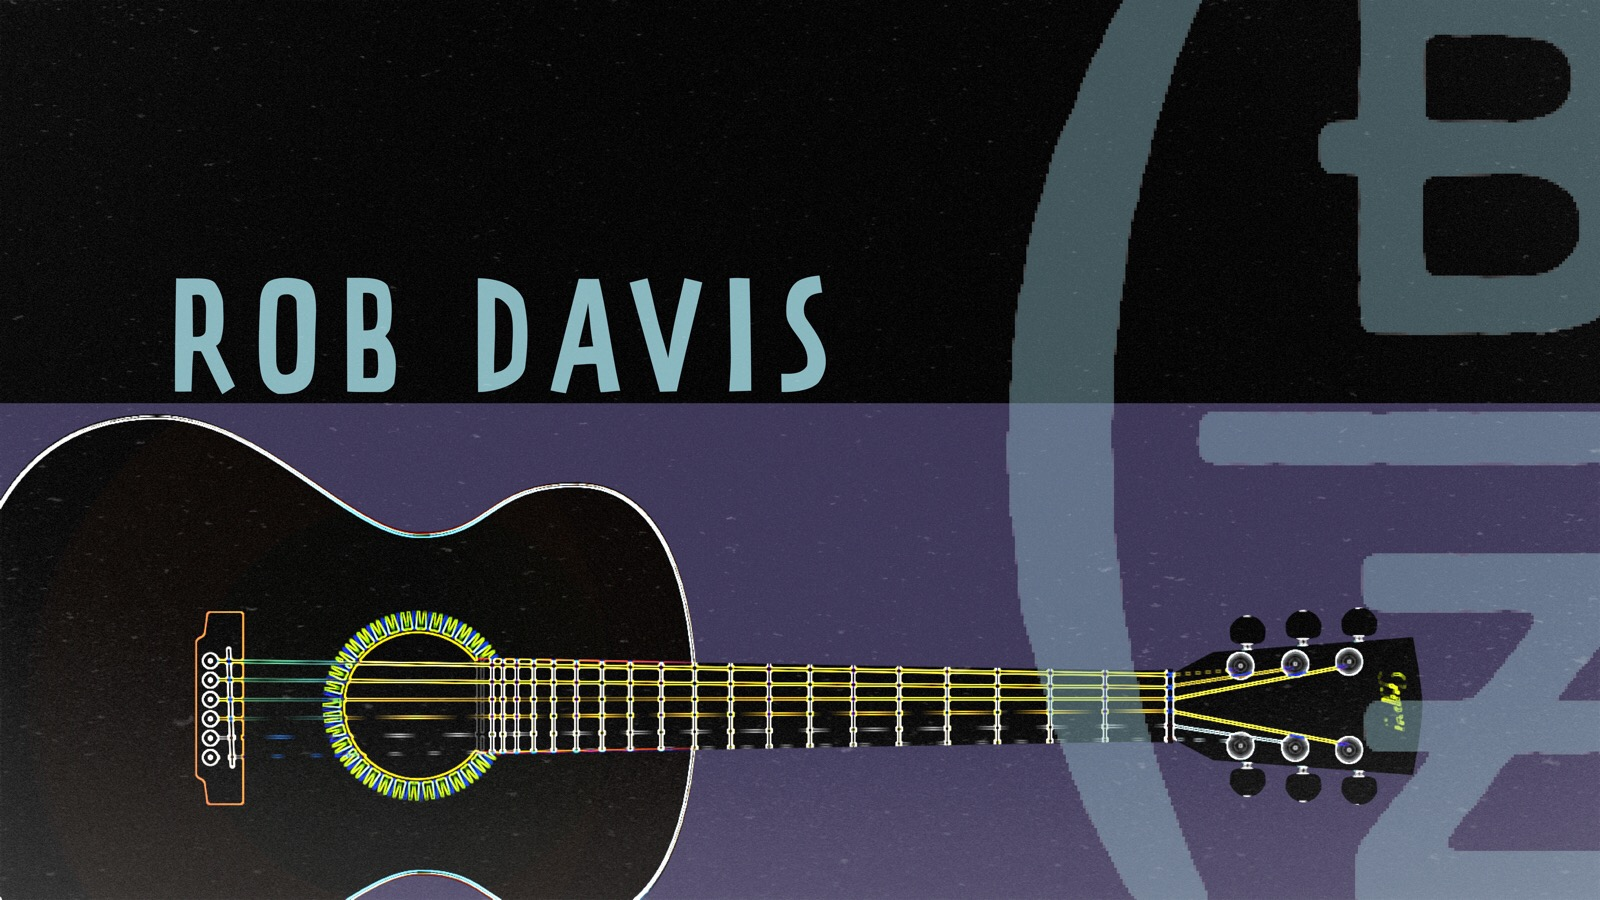 Rob Davis edit 3.JPG